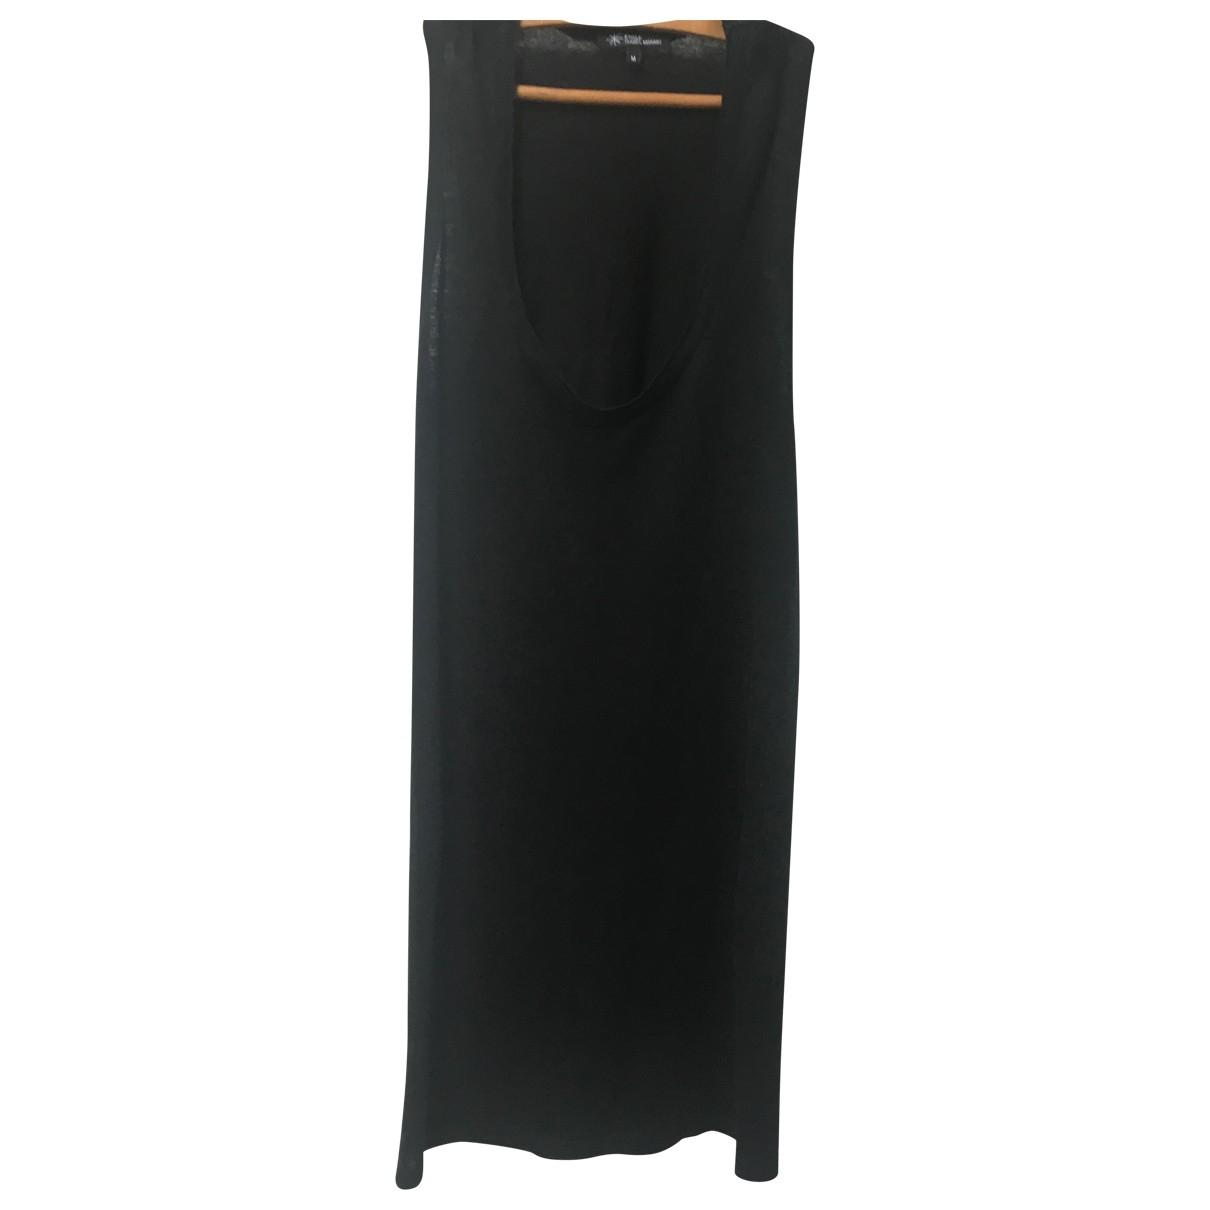 Isabel Marant Etoile \N Black Linen dress for Women M International